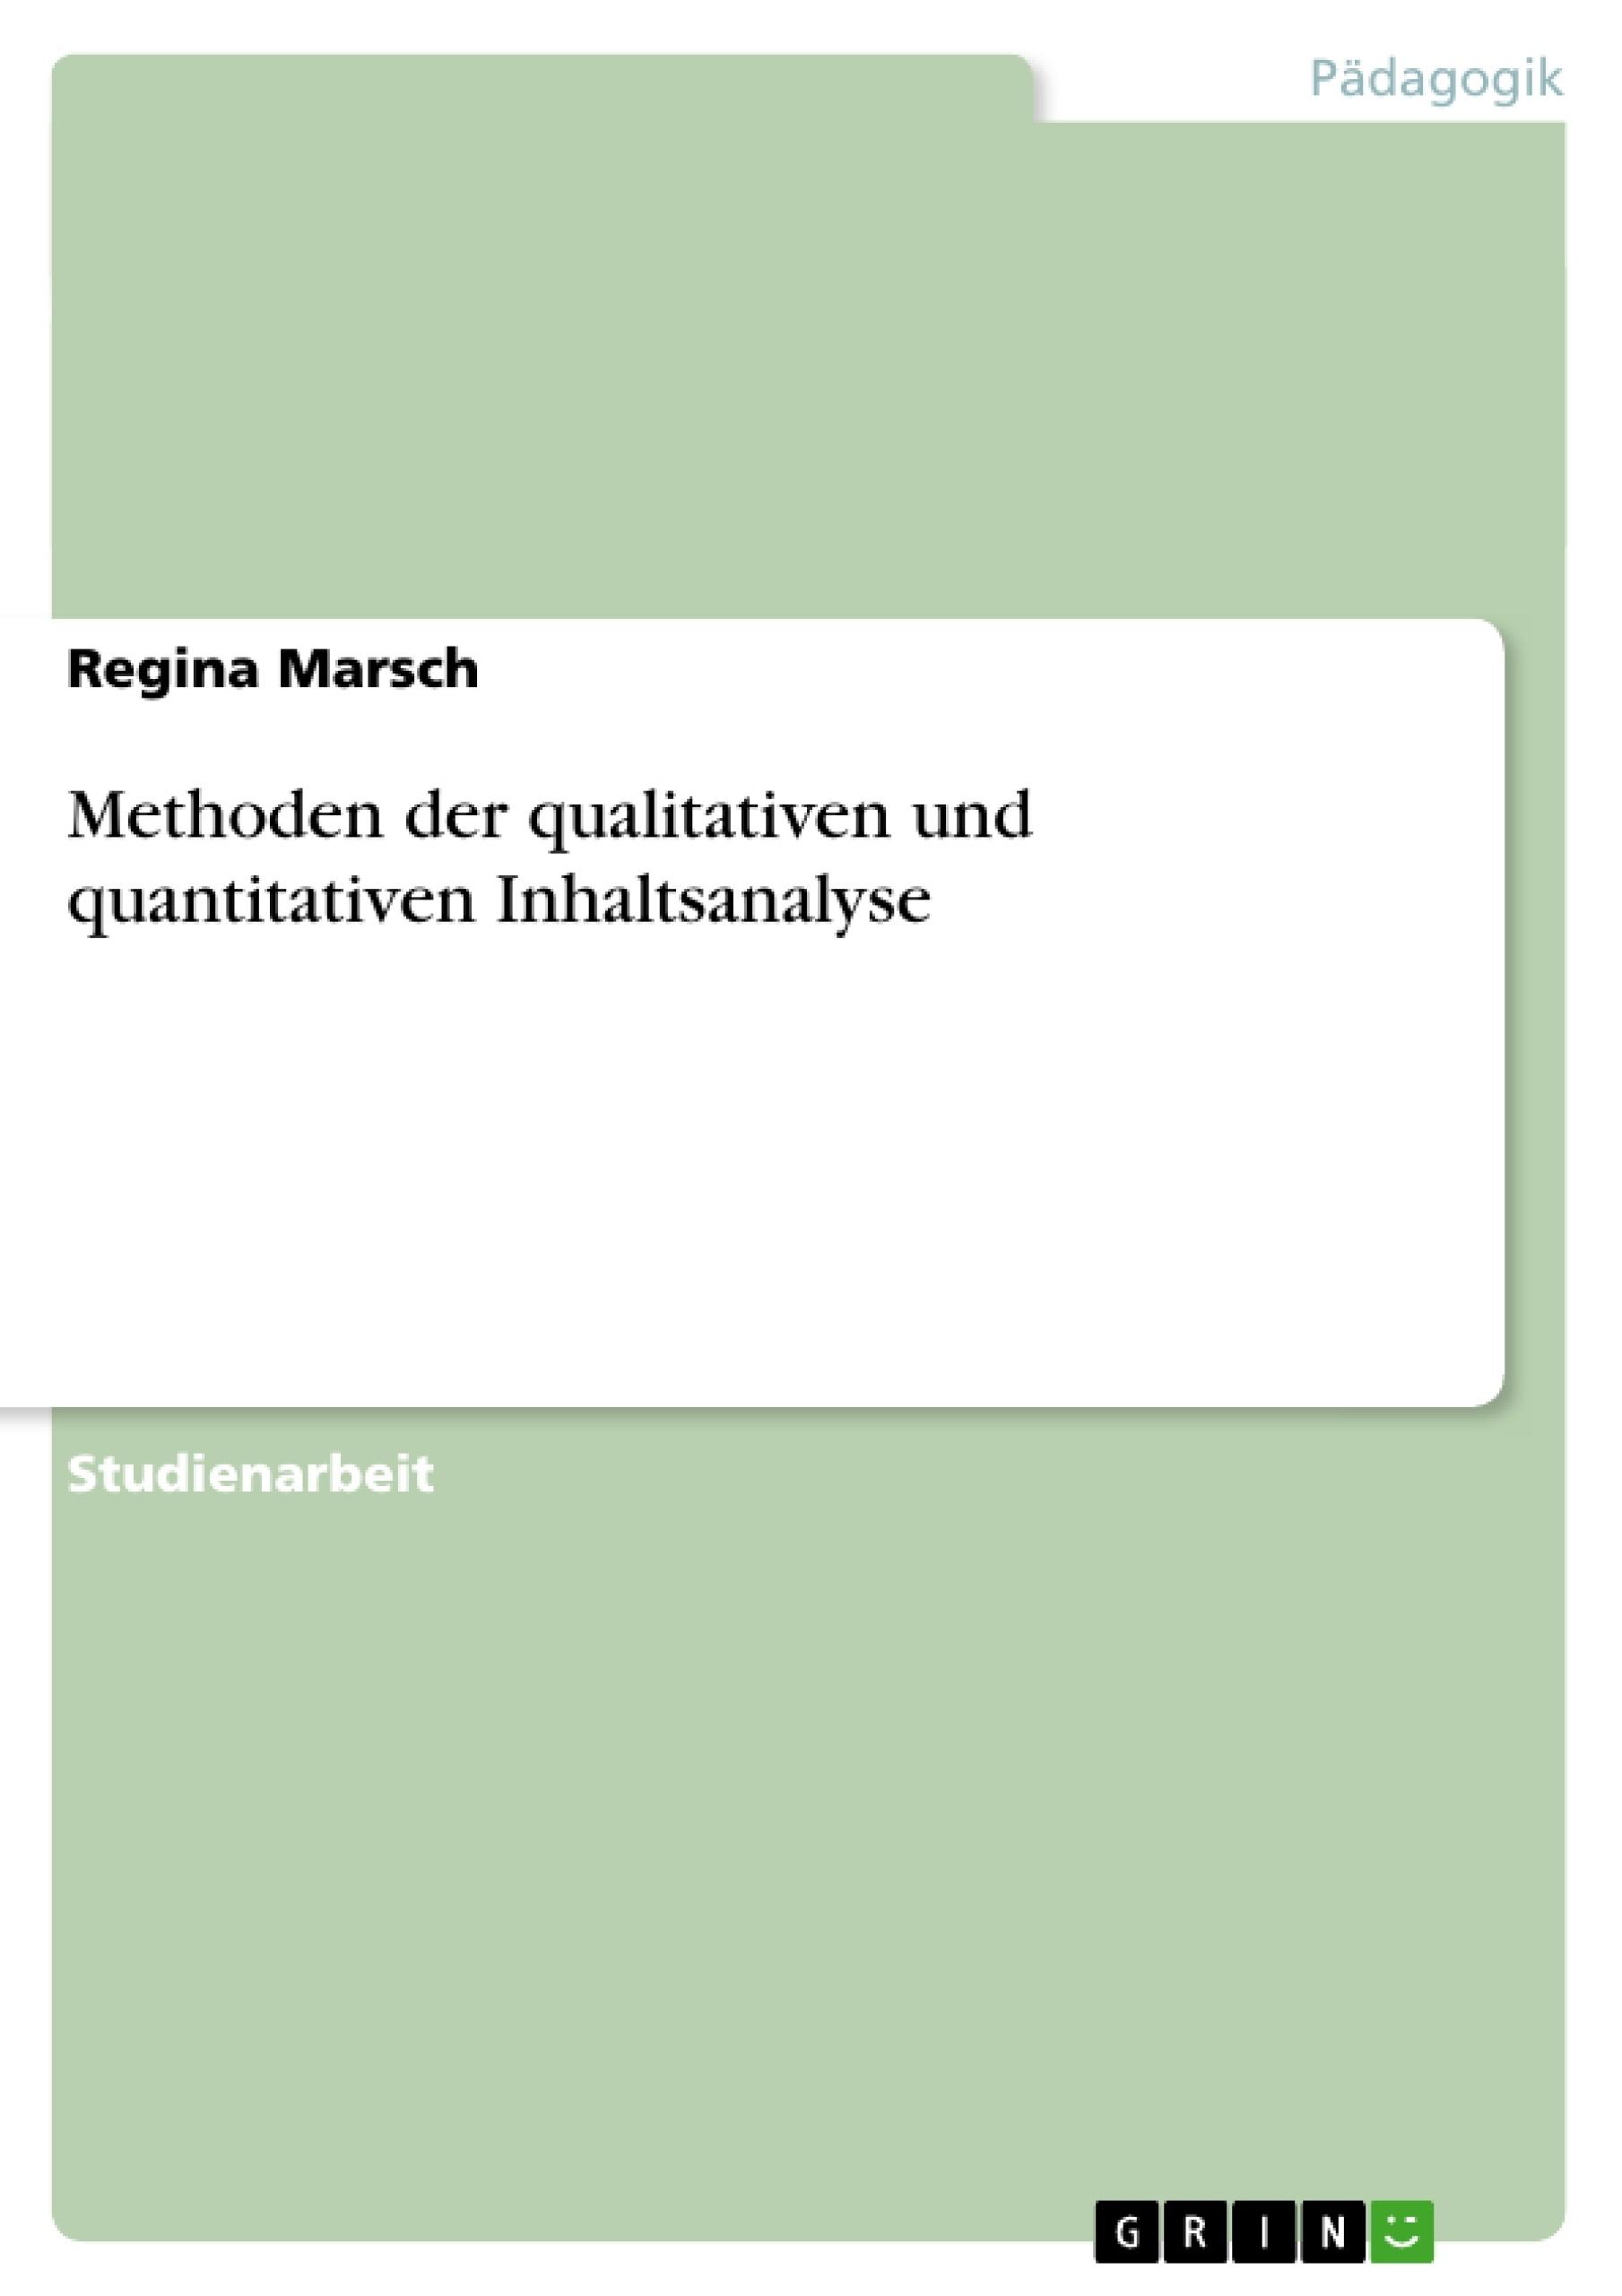 Titel: Methoden der qualitativen und quantitativen Inhaltsanalyse